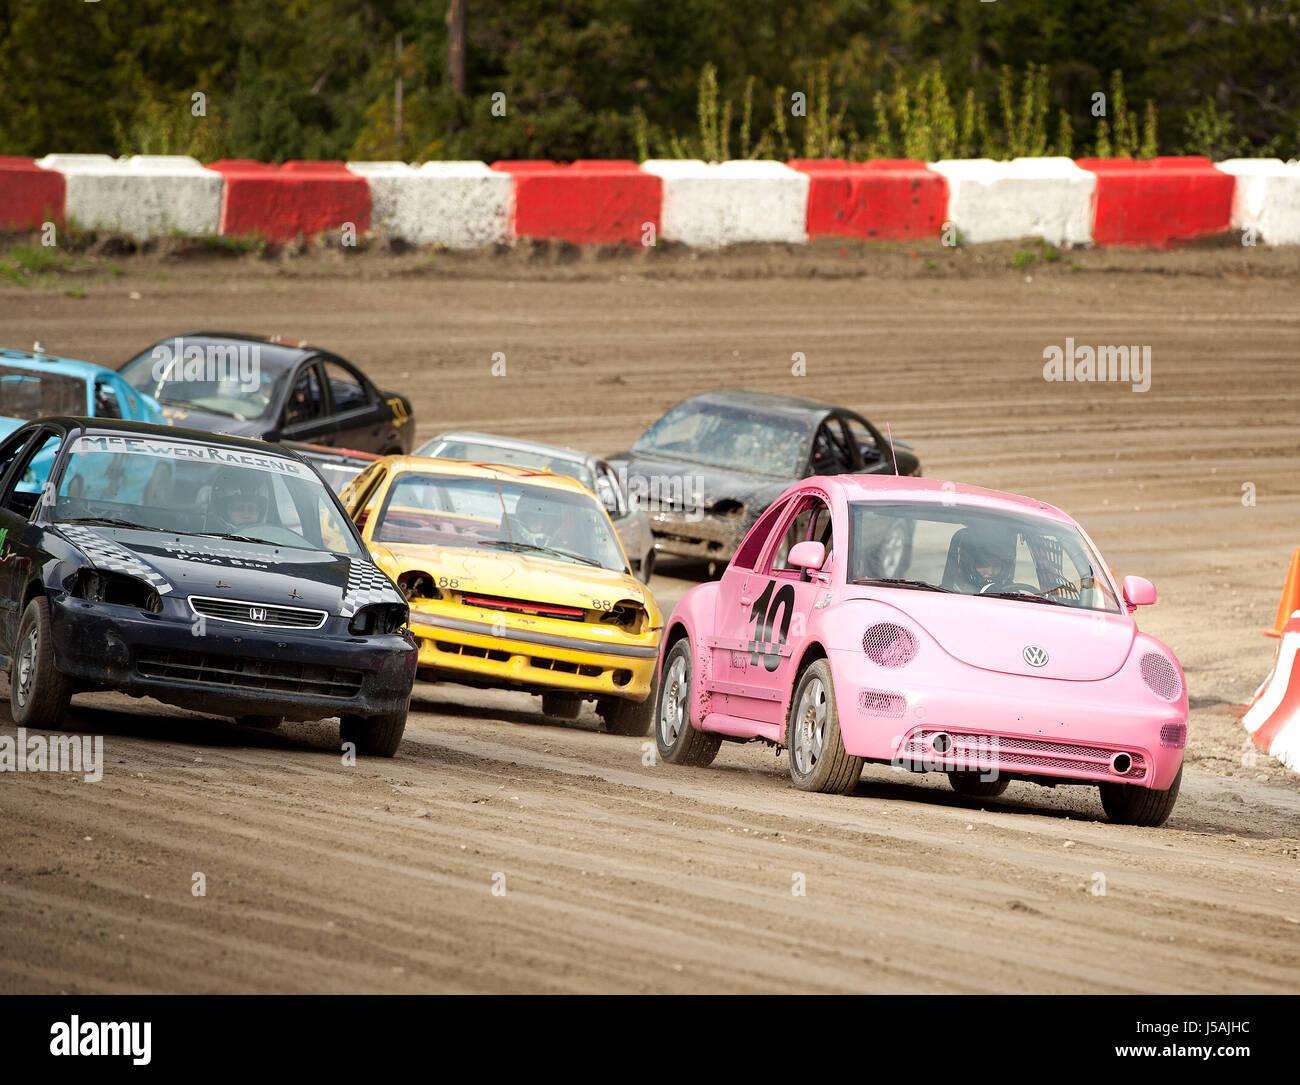 Beetle Adventure Racing Cars